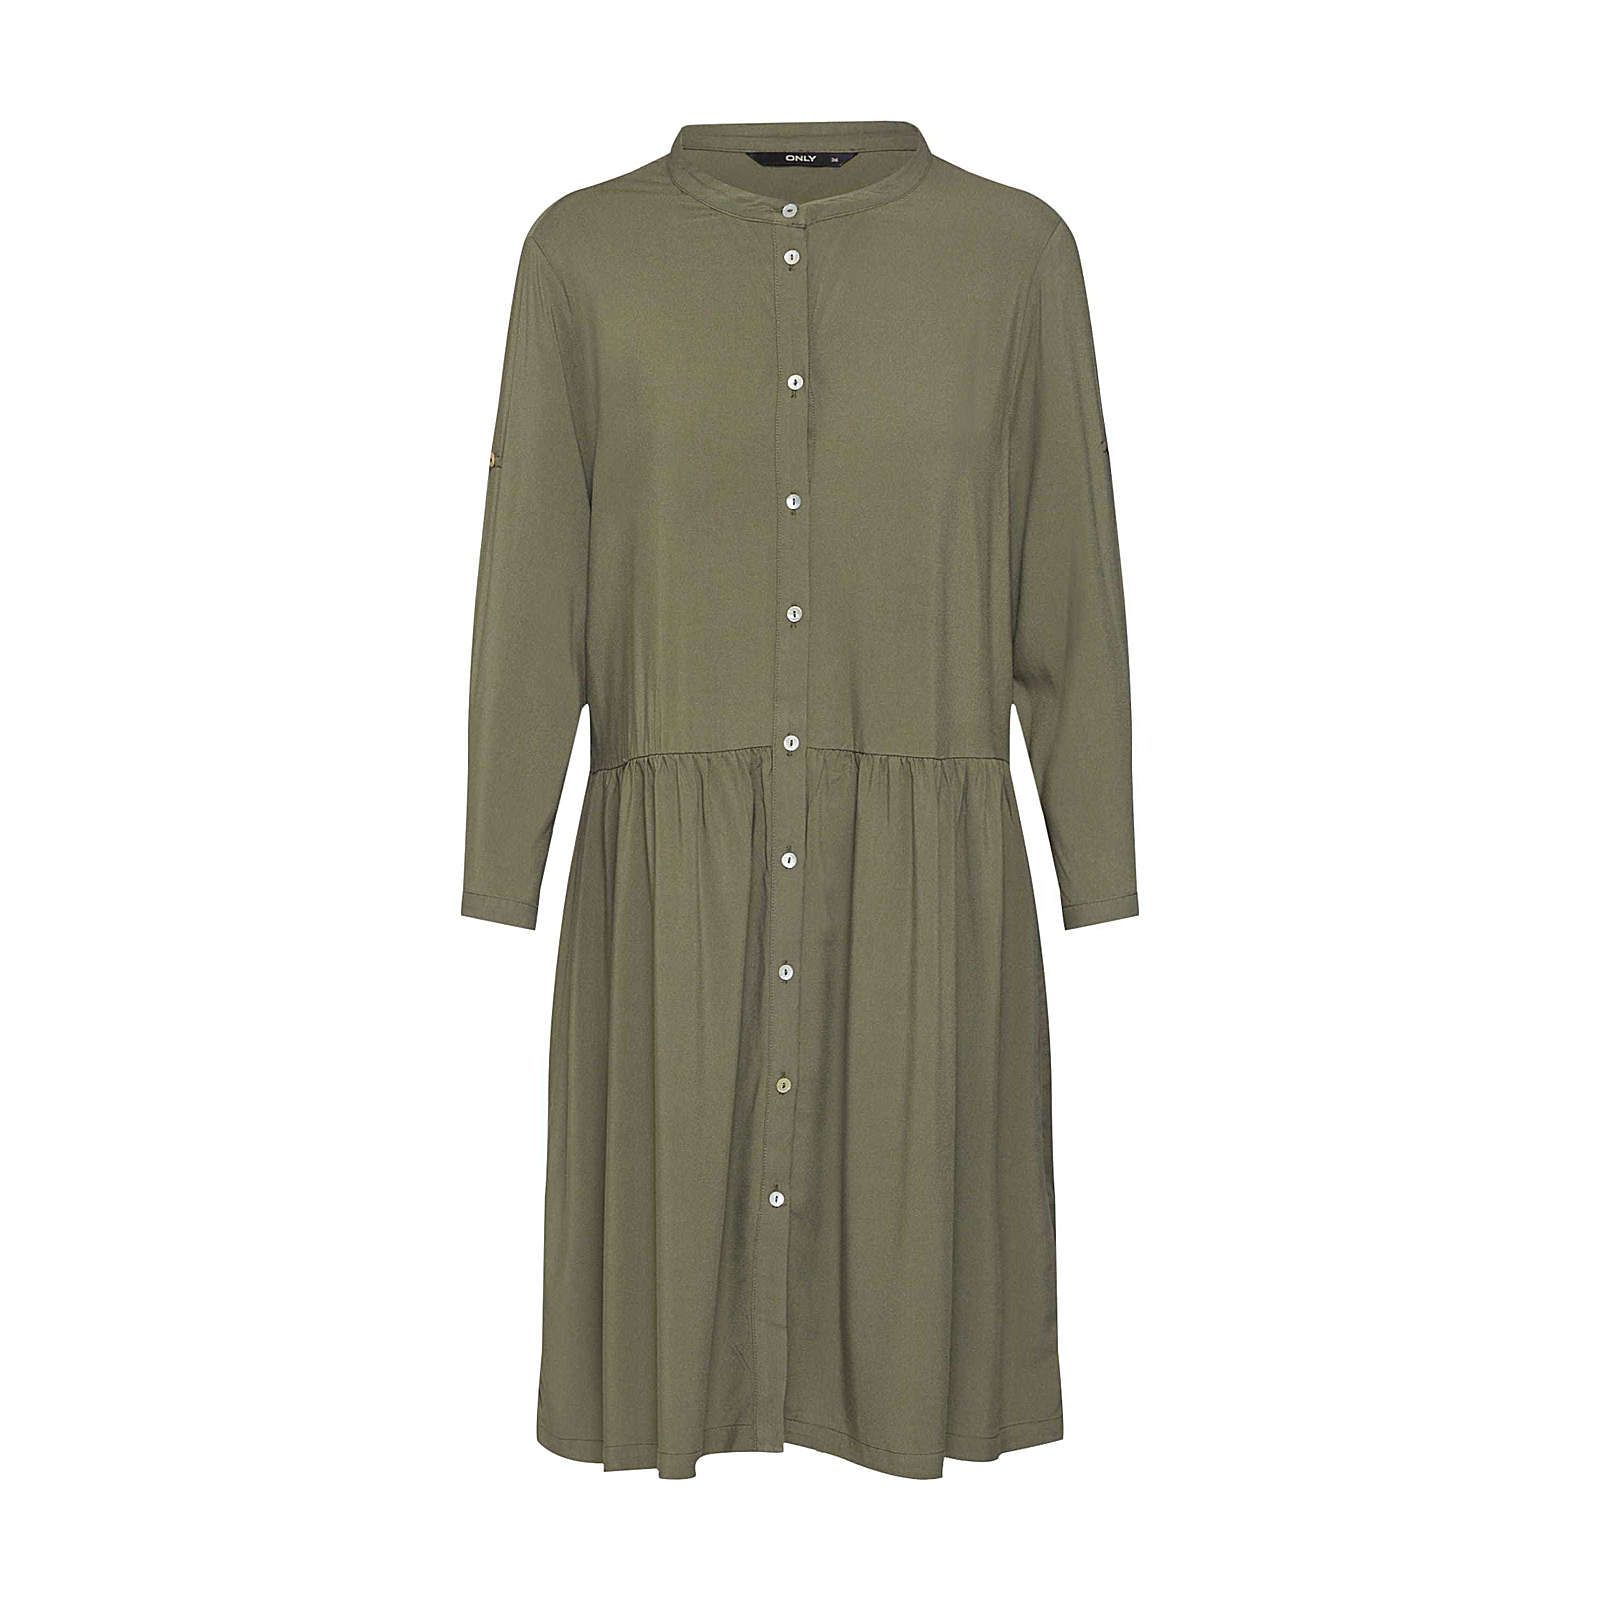 ONLY Blusenkleid Blusenkleider grün Damen Gr. 36